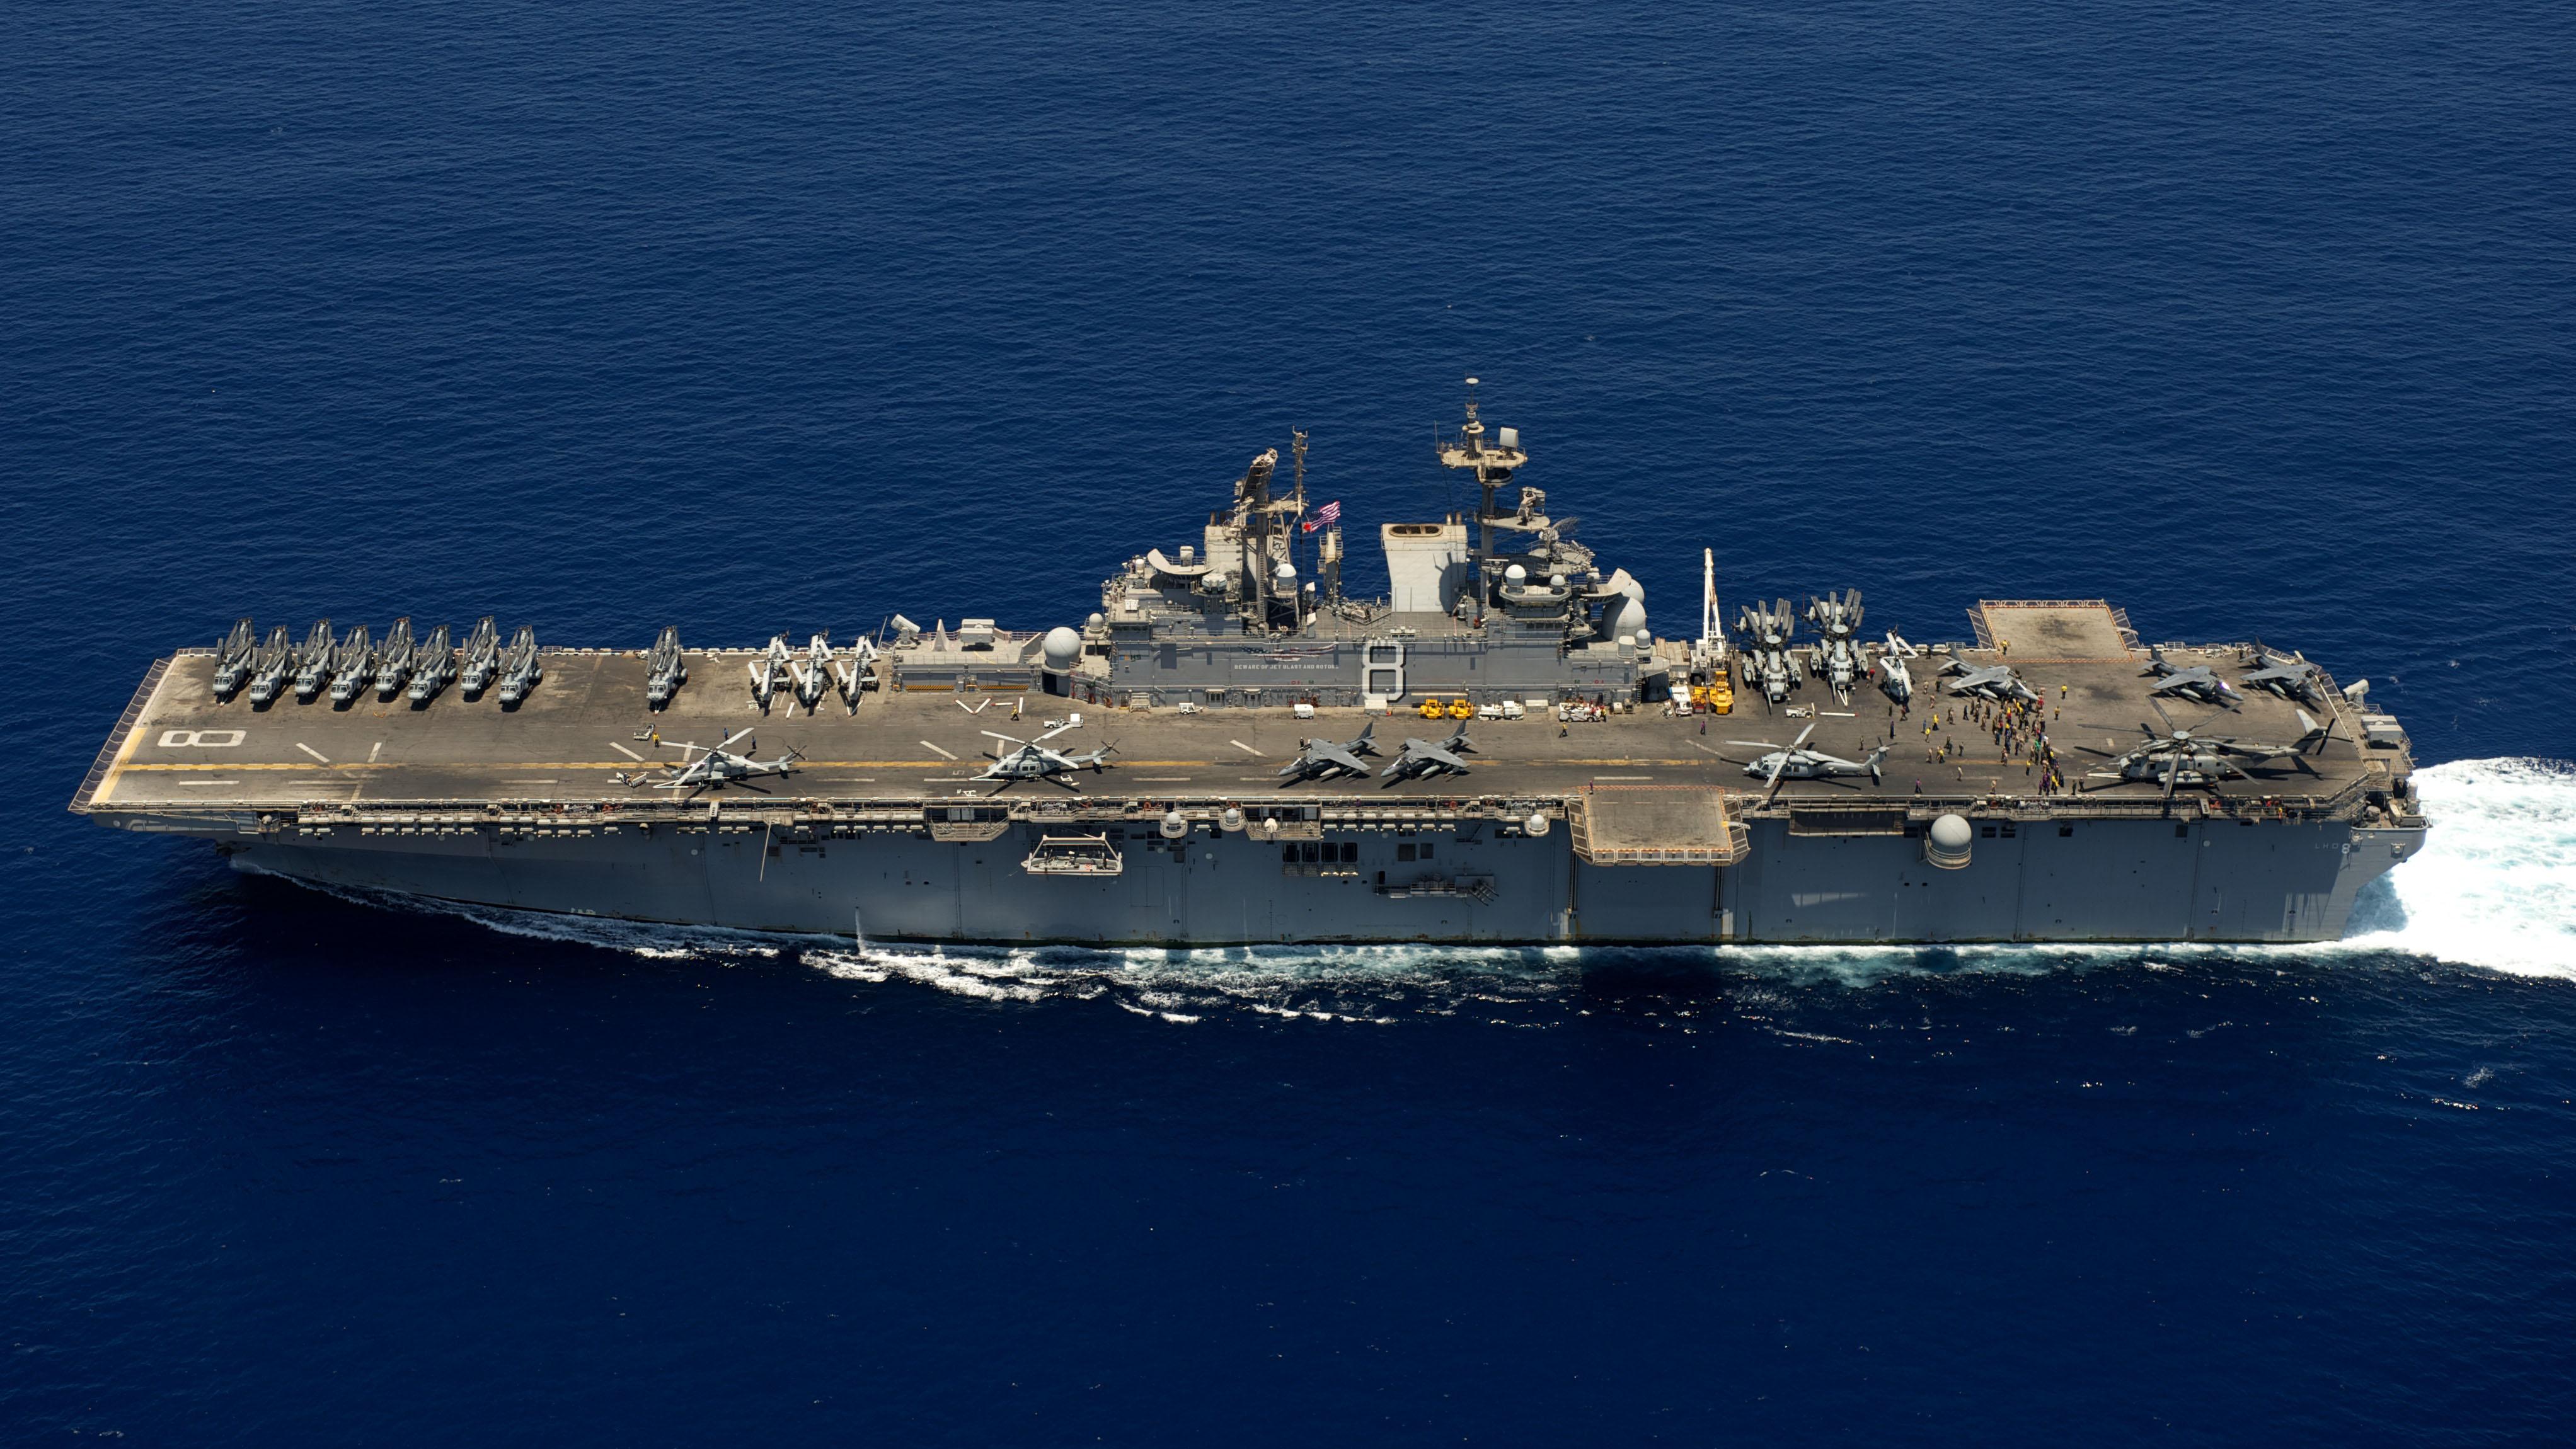 USS MAKIN ISLAND LHD-8 Bild: U.S. Navy